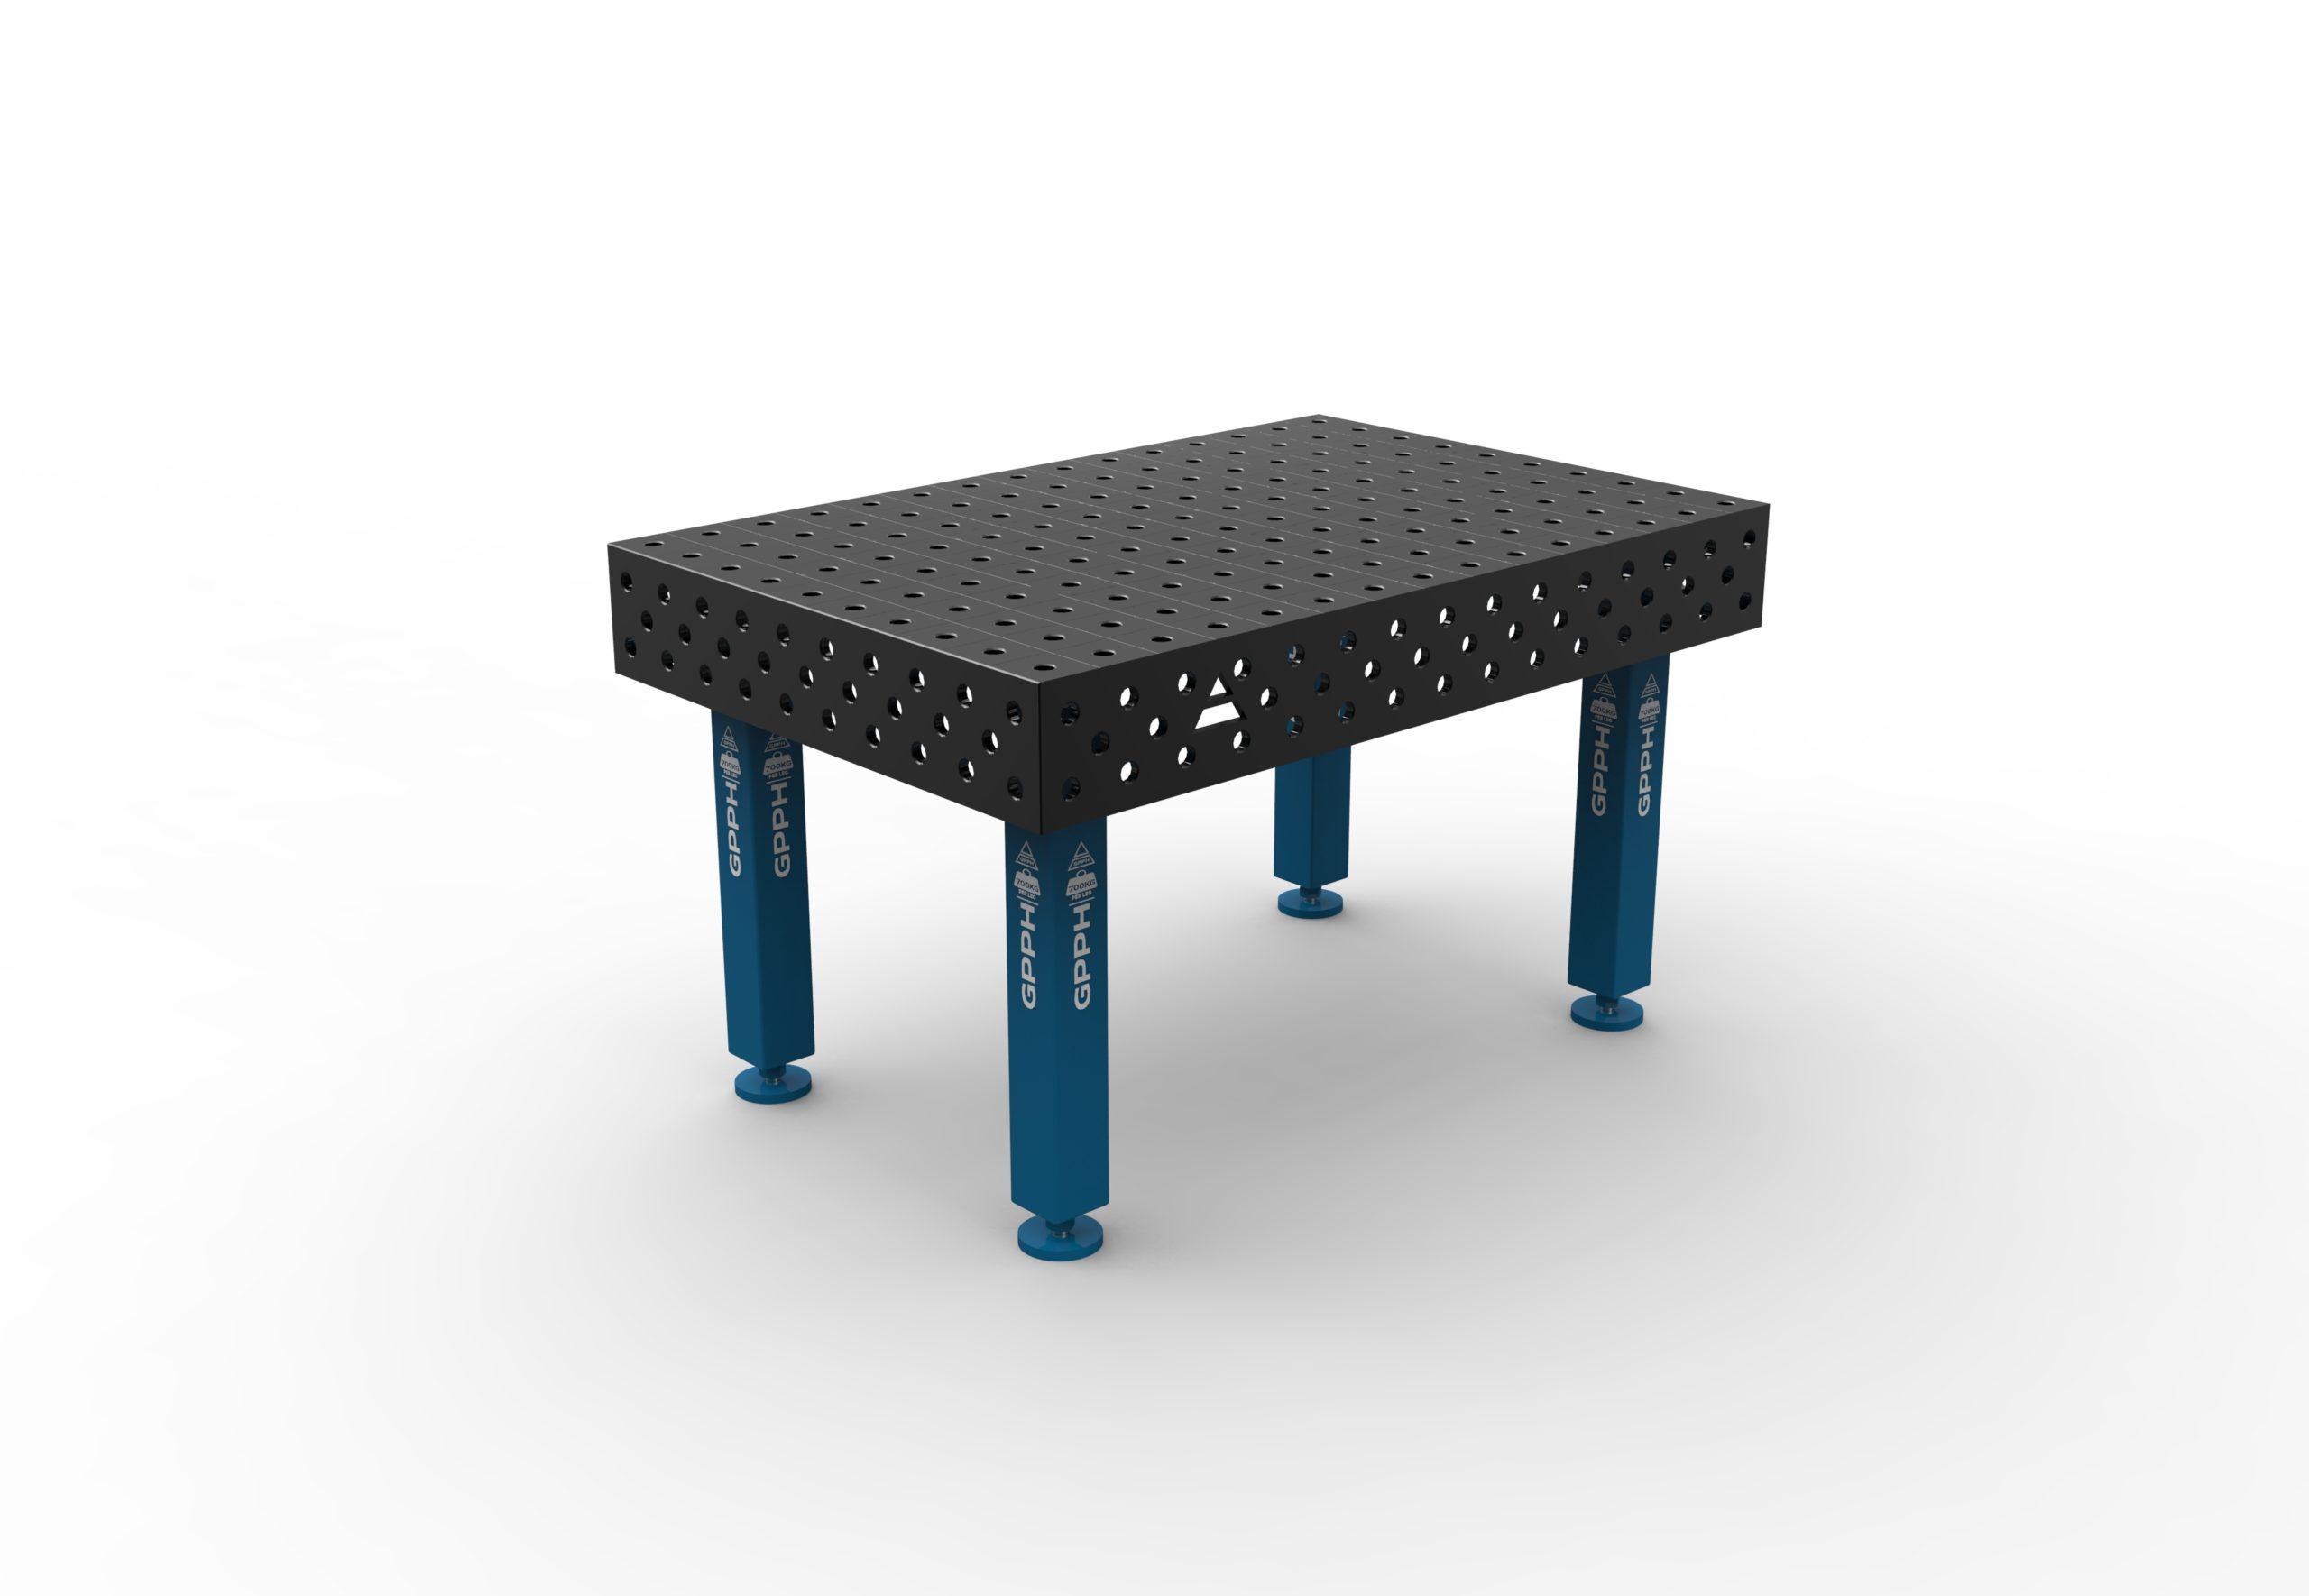 Table de soudage PRO 1500 x 1000 mm de GPPH